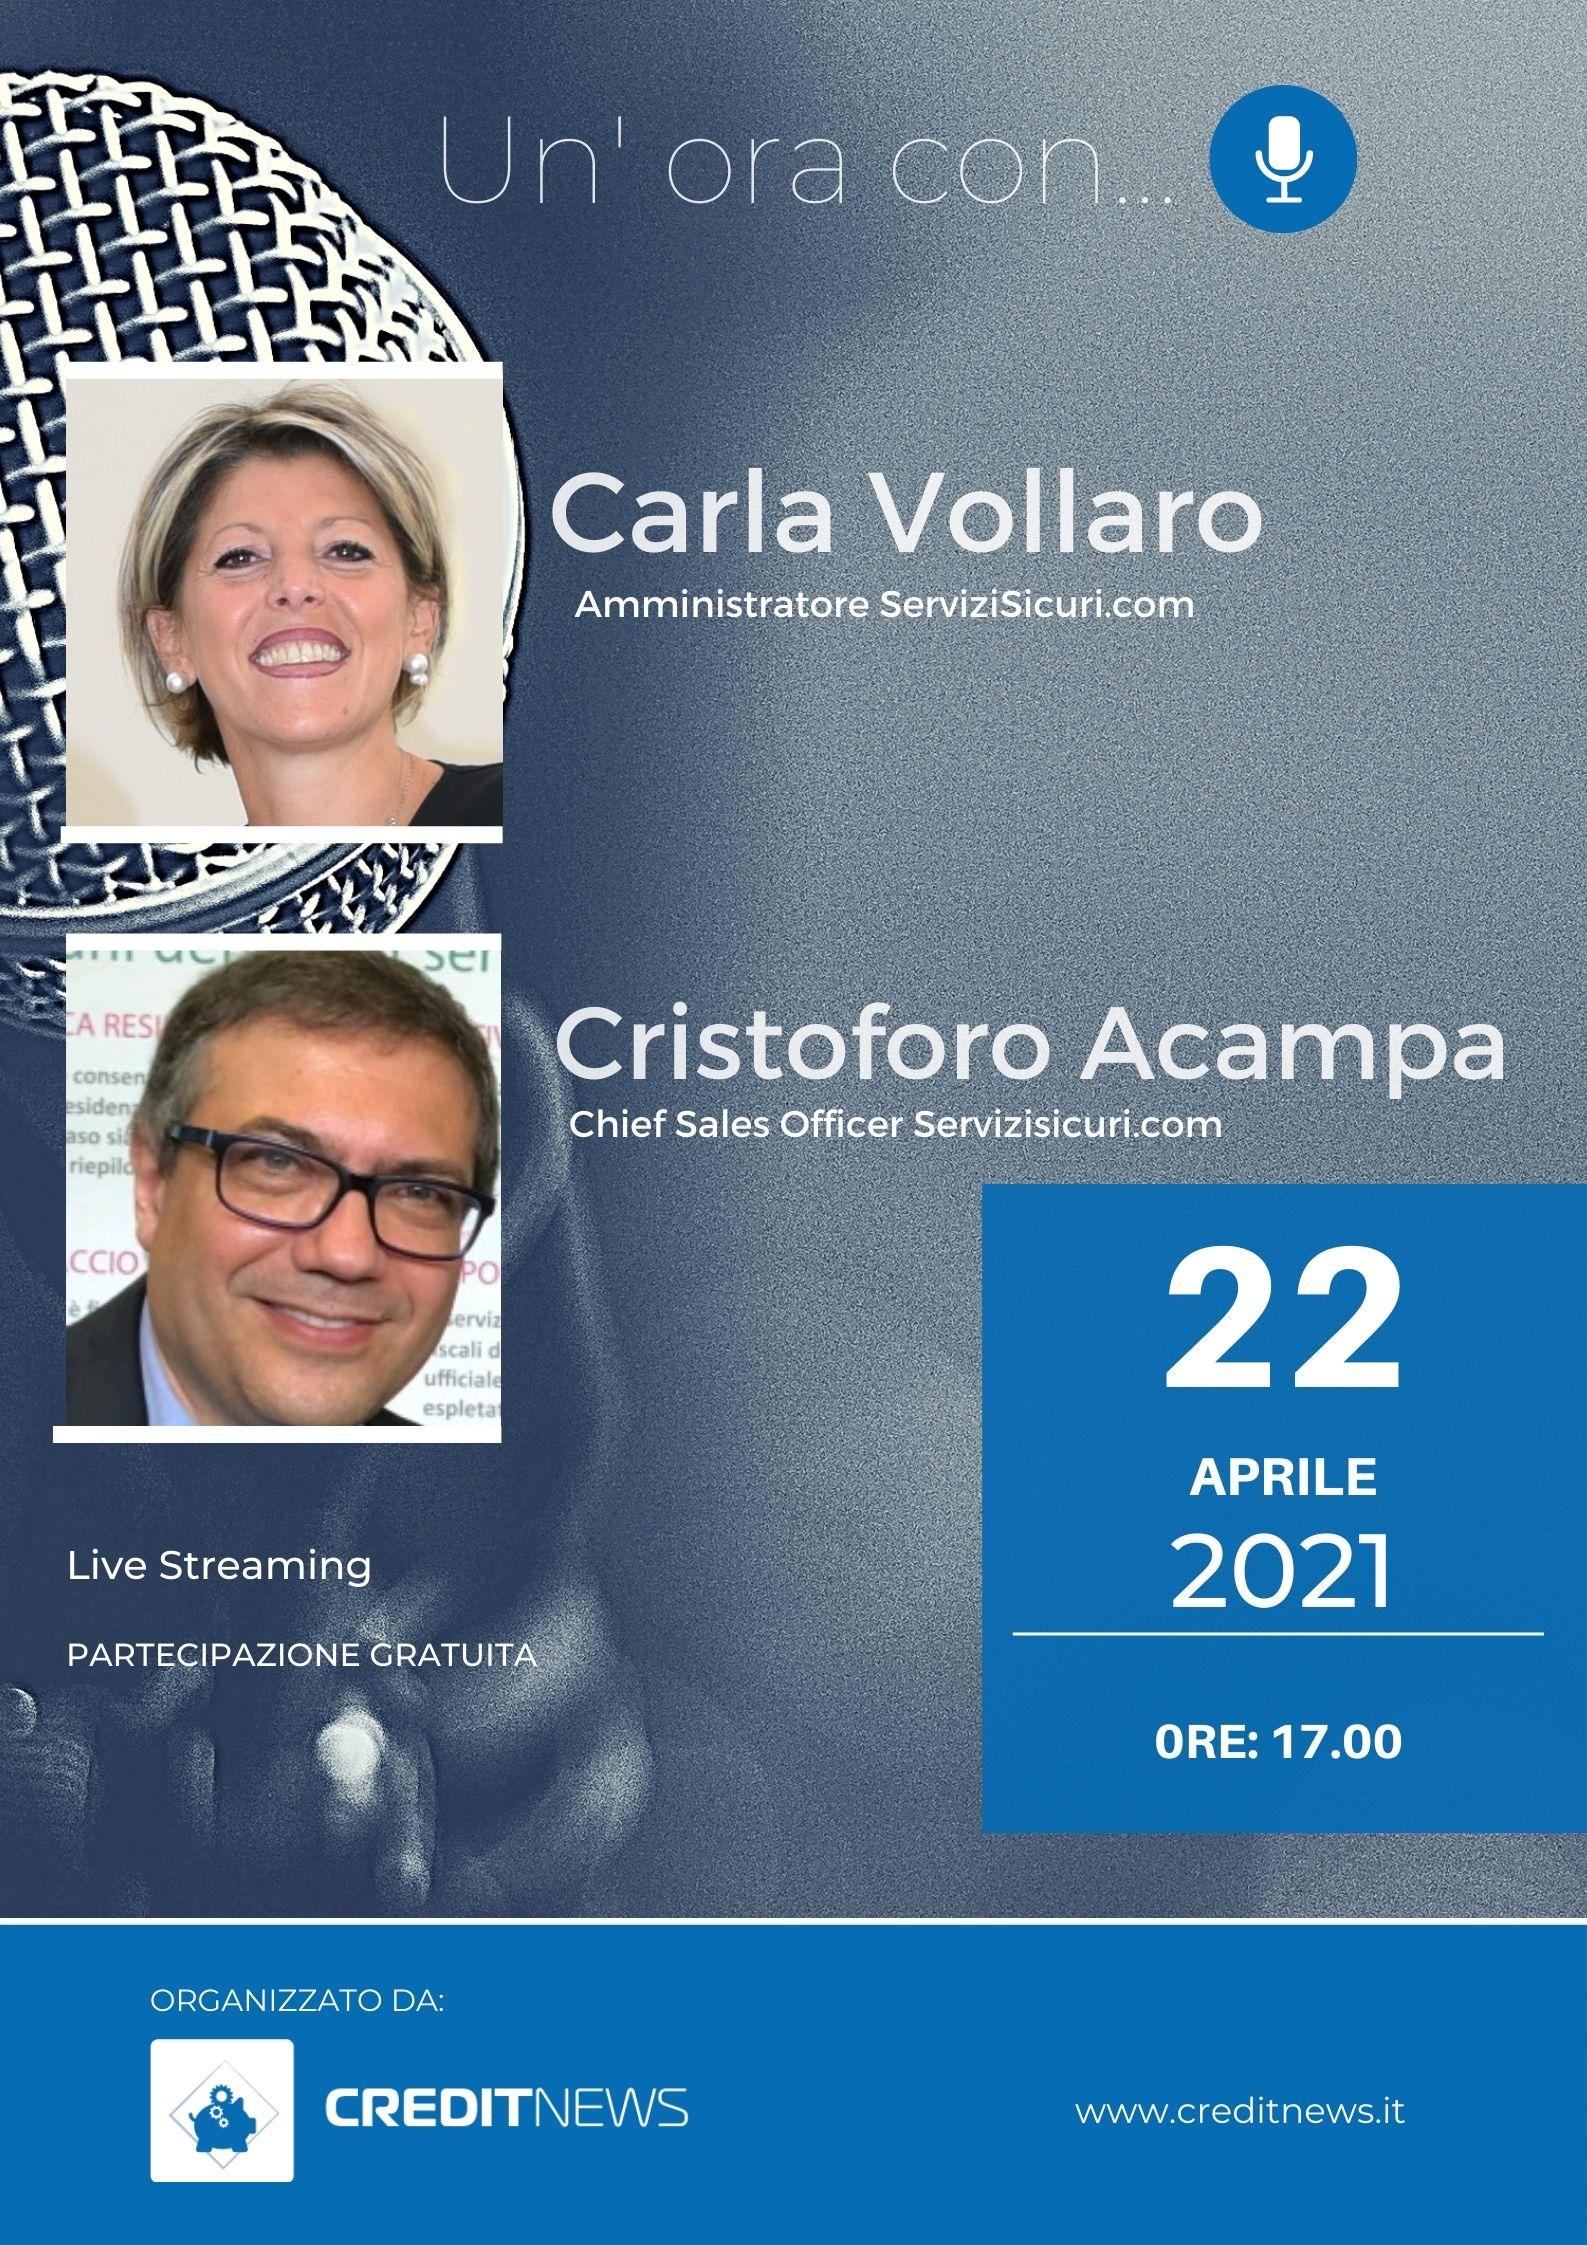 Un'ora con... Carla Vollaro e Cristoforo Acampa, ServiziSicuri.com